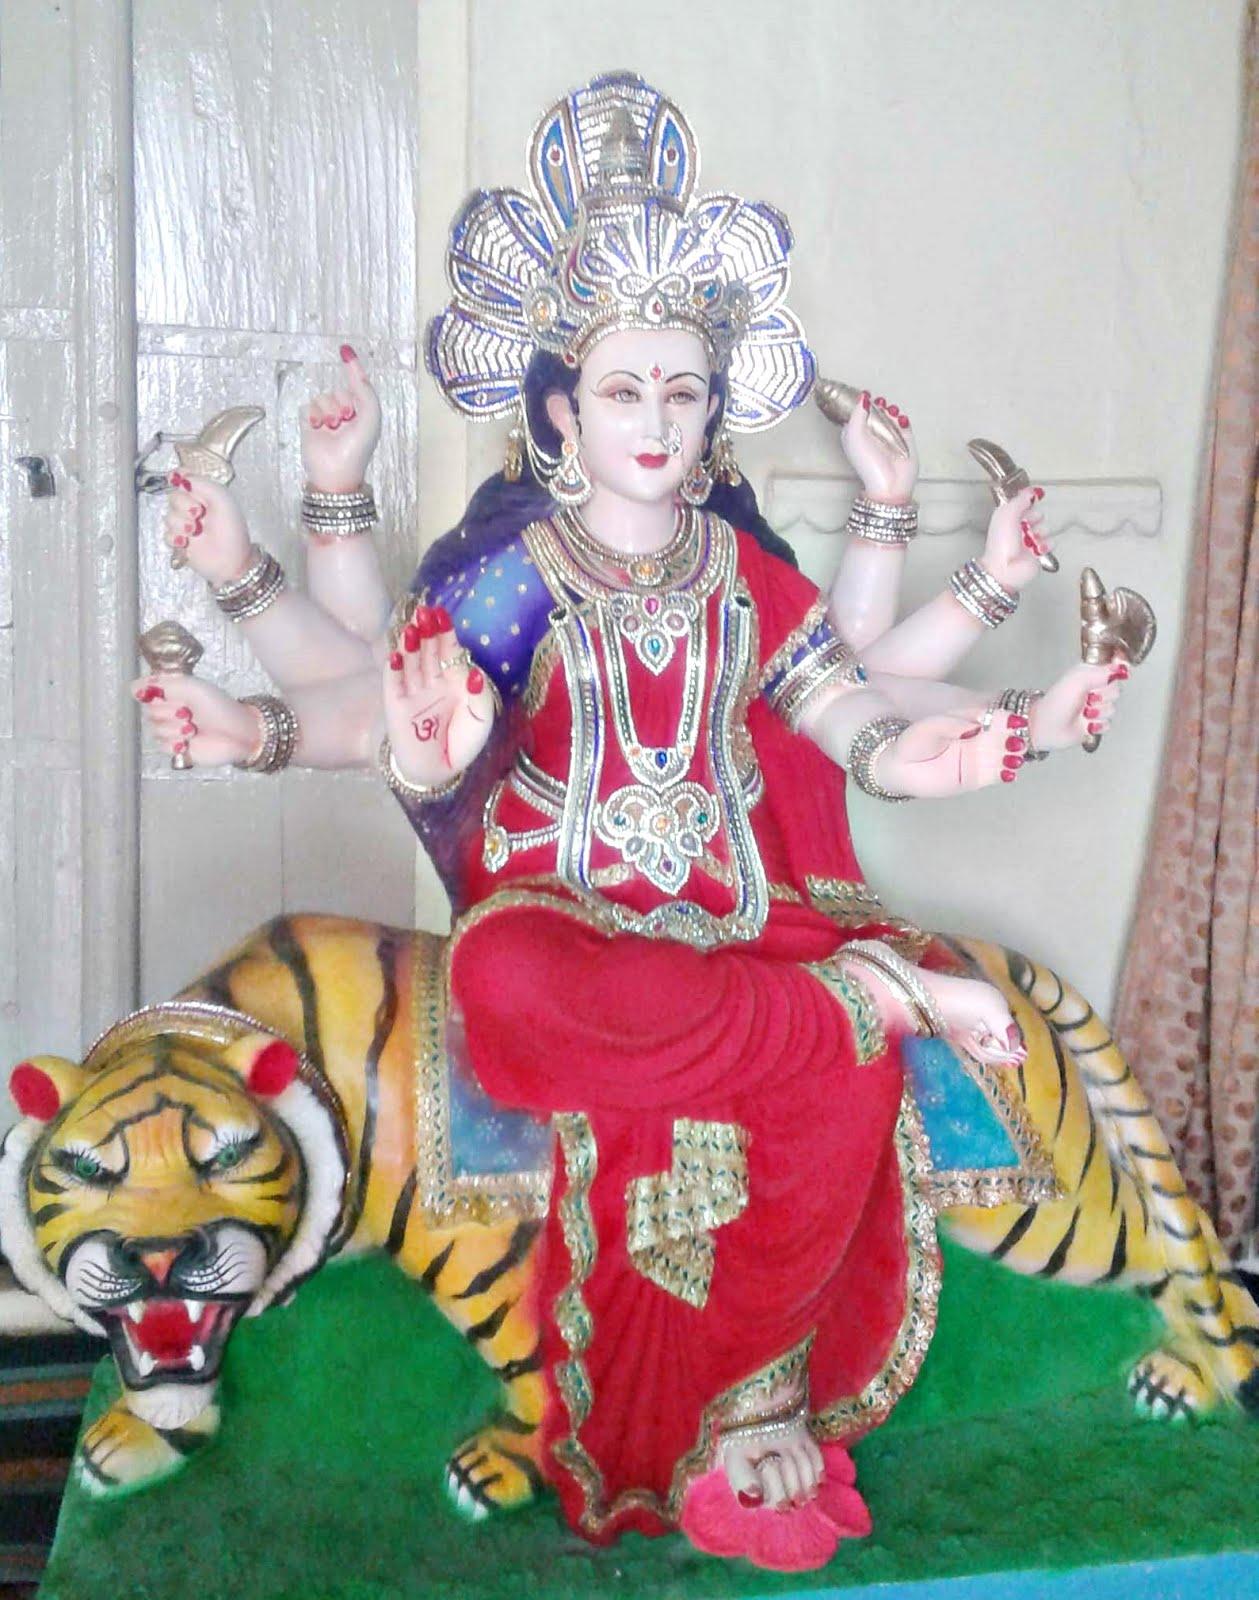 Jhabua News-श्री देवधर्म राज नवदुर्गा महोत्सव समिति द्वारा 34वां नवरात्रि महोत्सव का आयोजन 29 सितंबर से